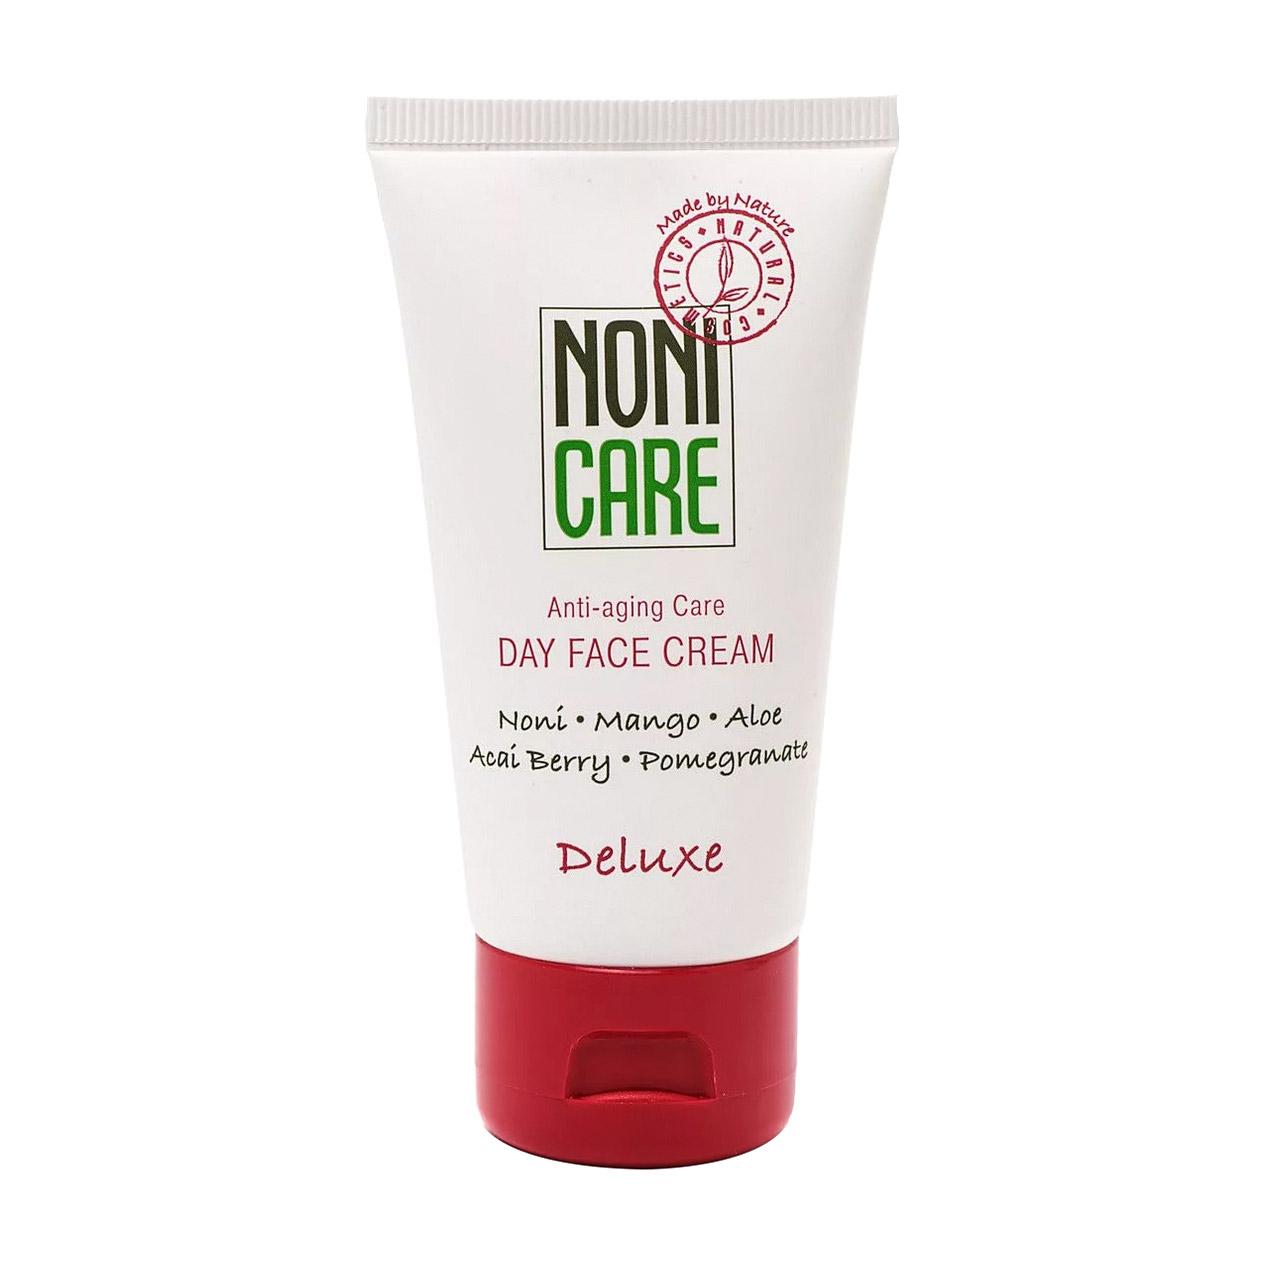 Дневной омолаживающий крем для лица Nonicare Deluxe - Day Face Cream 50 мл 40+ ночной крем от морщин nonicare deluxe night face cream 50 мл 40